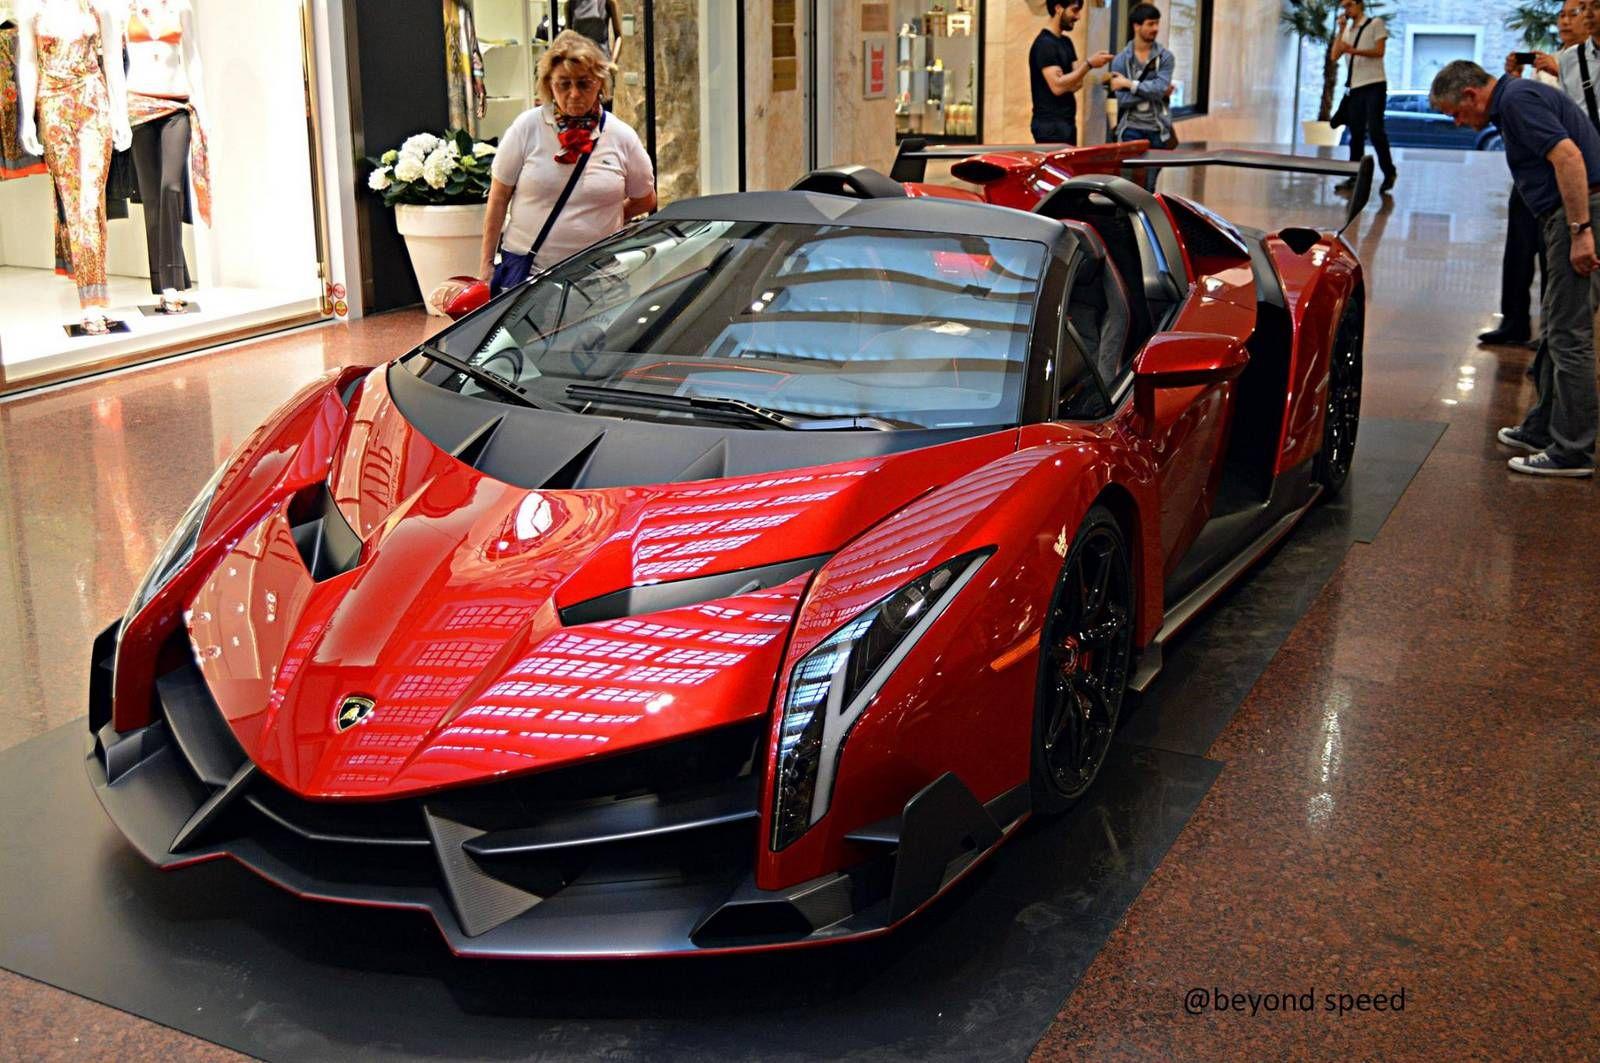 Lamborghini Veneno Roadster Spotted In Bologna Lamborghini